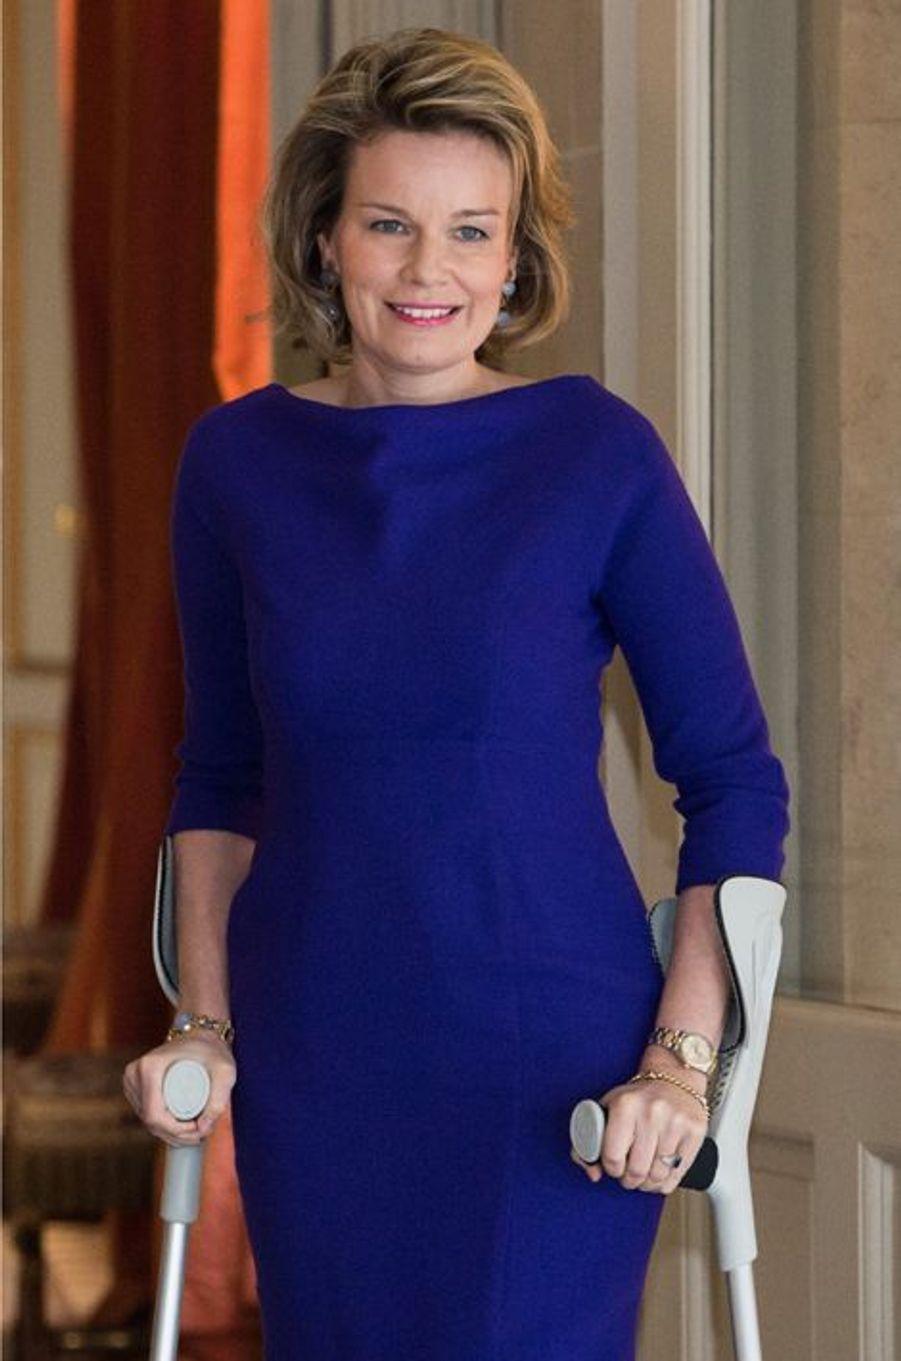 La reine Mathilde de Belgique à Bruxelles, le 25 mars 2015